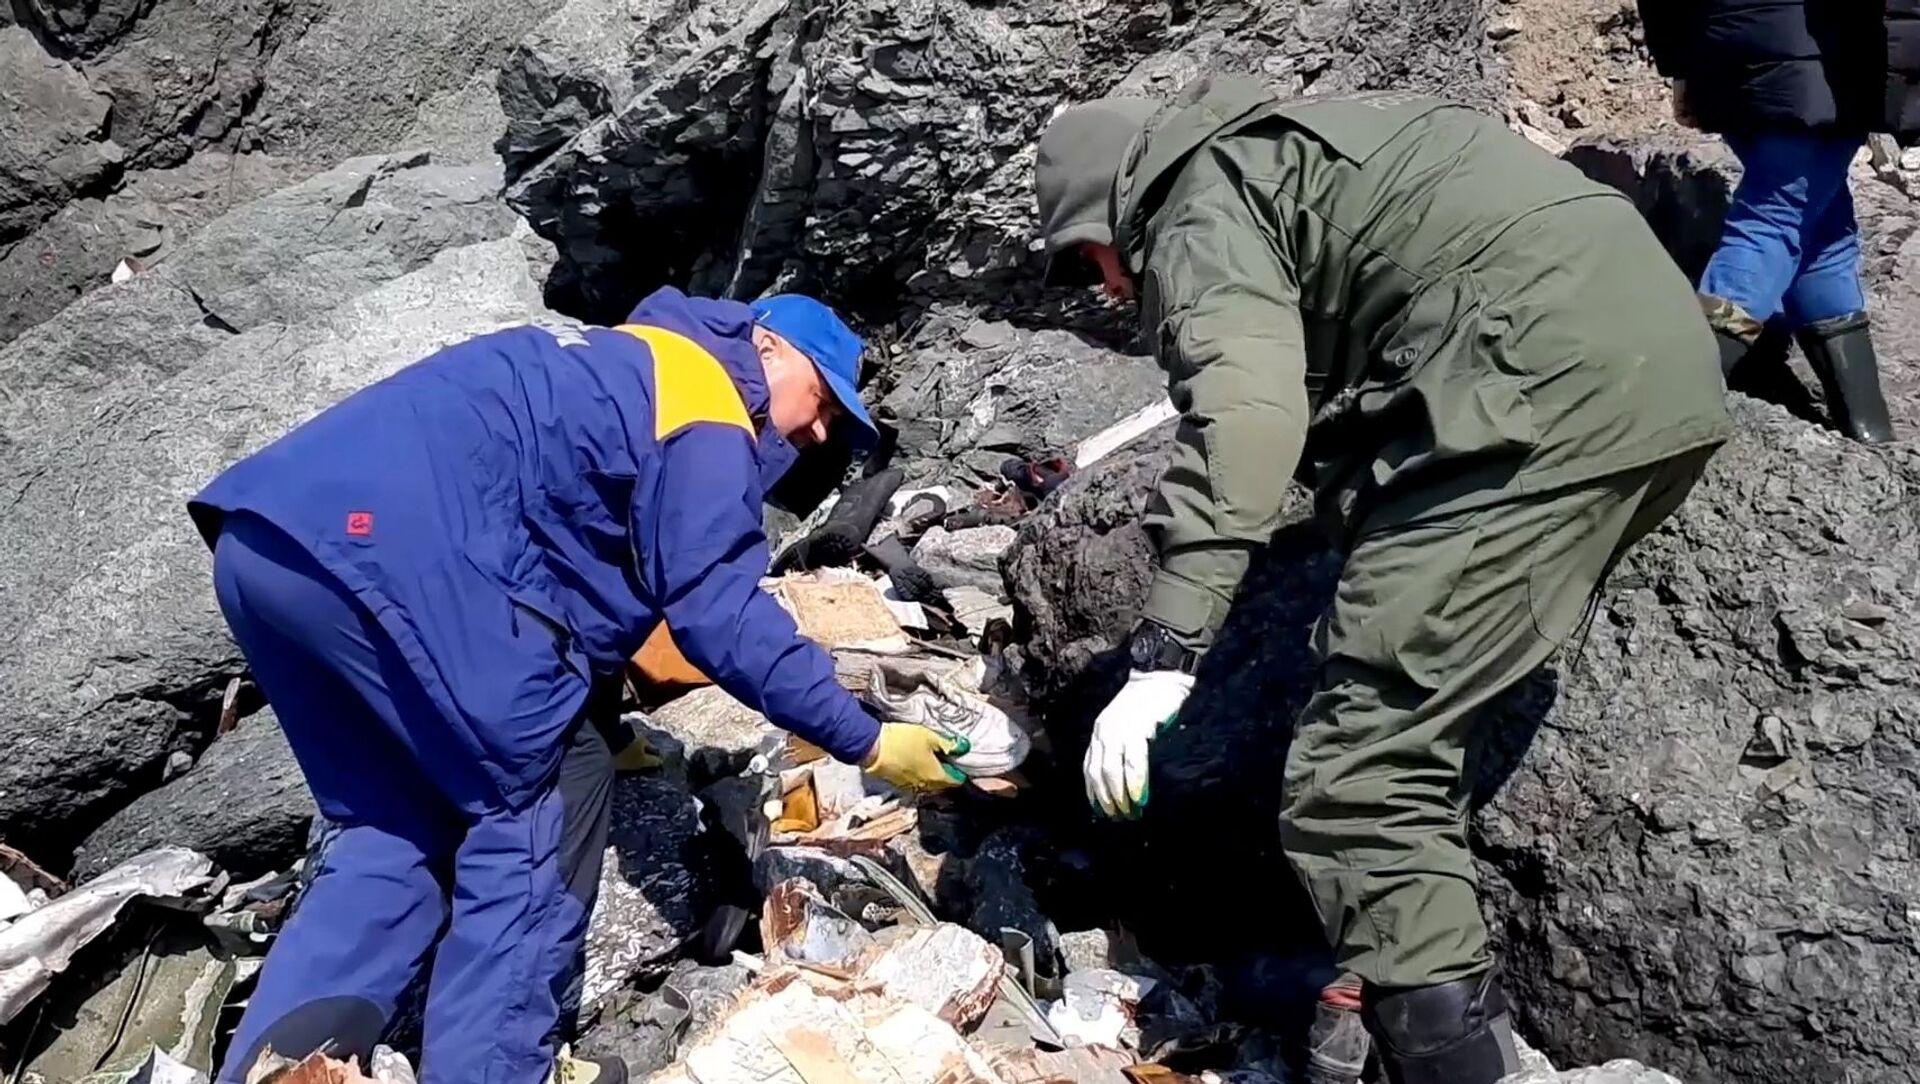 旅客機An-26の墜落現場での捜索活動 - Sputnik 日本, 1920, 09.07.2021